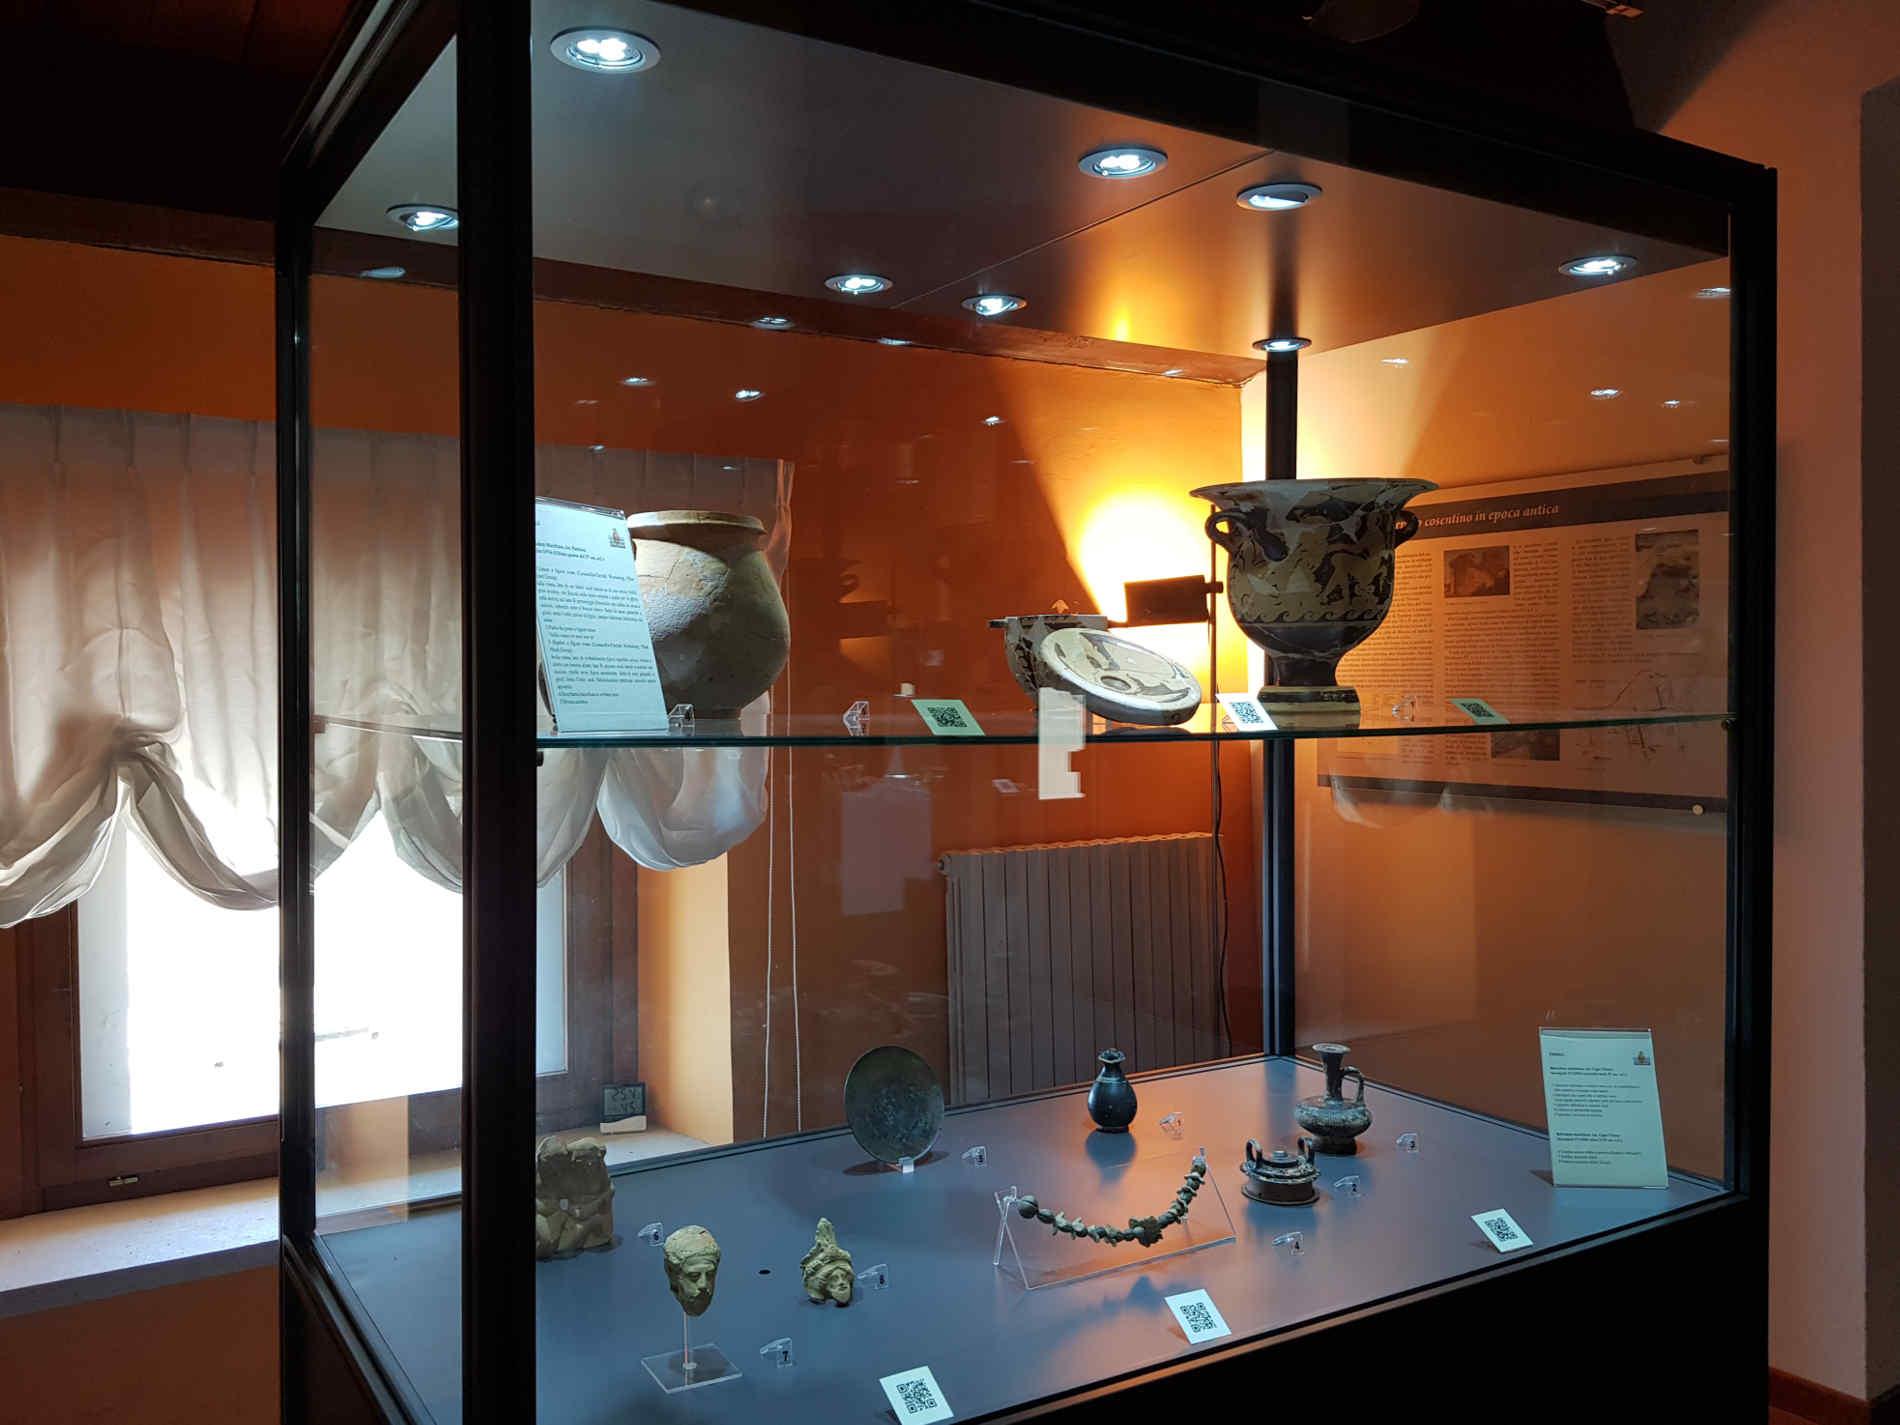 Cetraro Museo dei Brettii e del Mare Vetrina